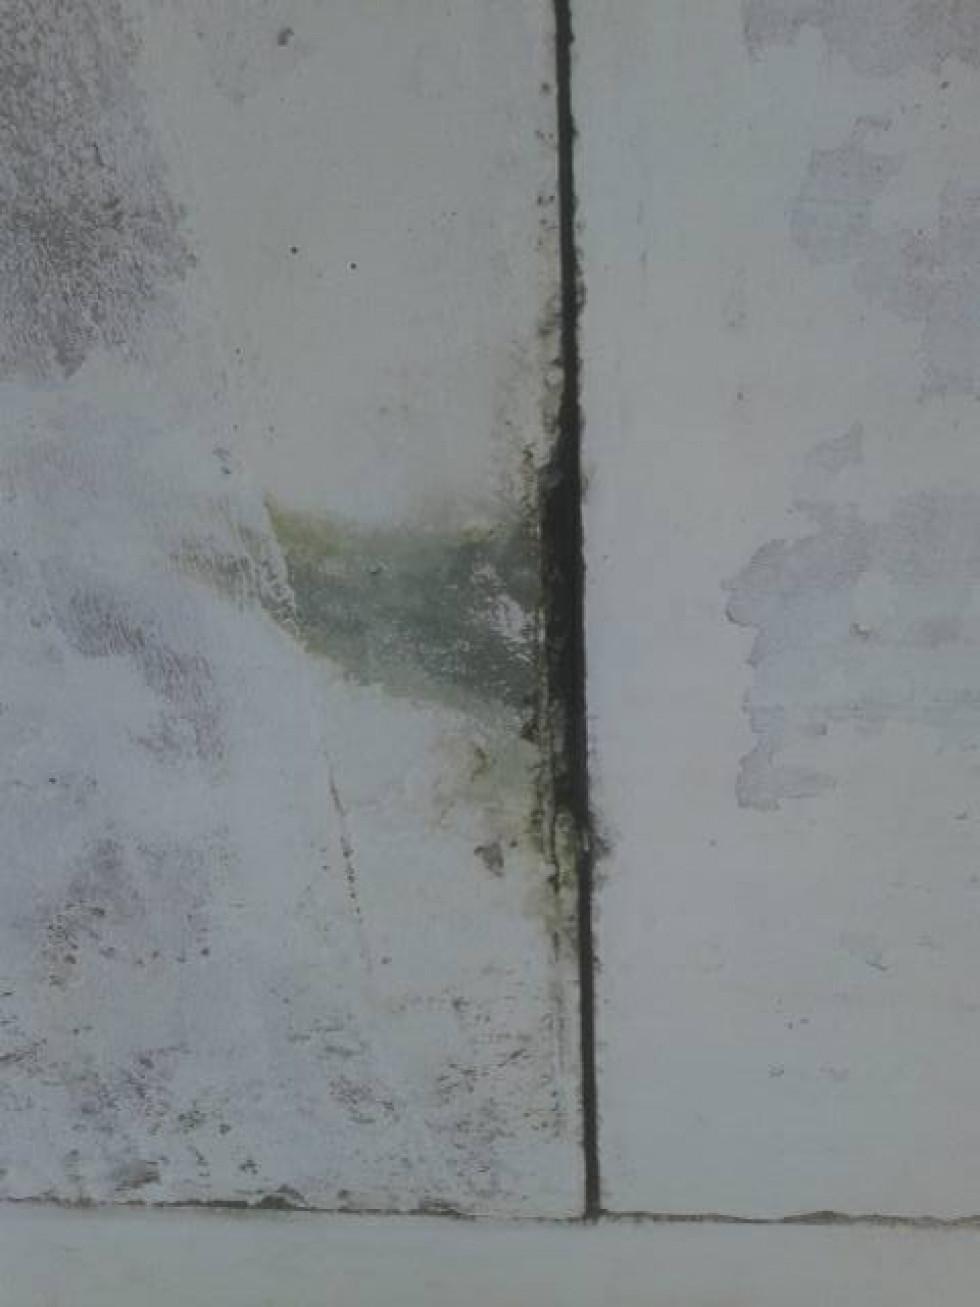 Між бетонними блоками - тріщини